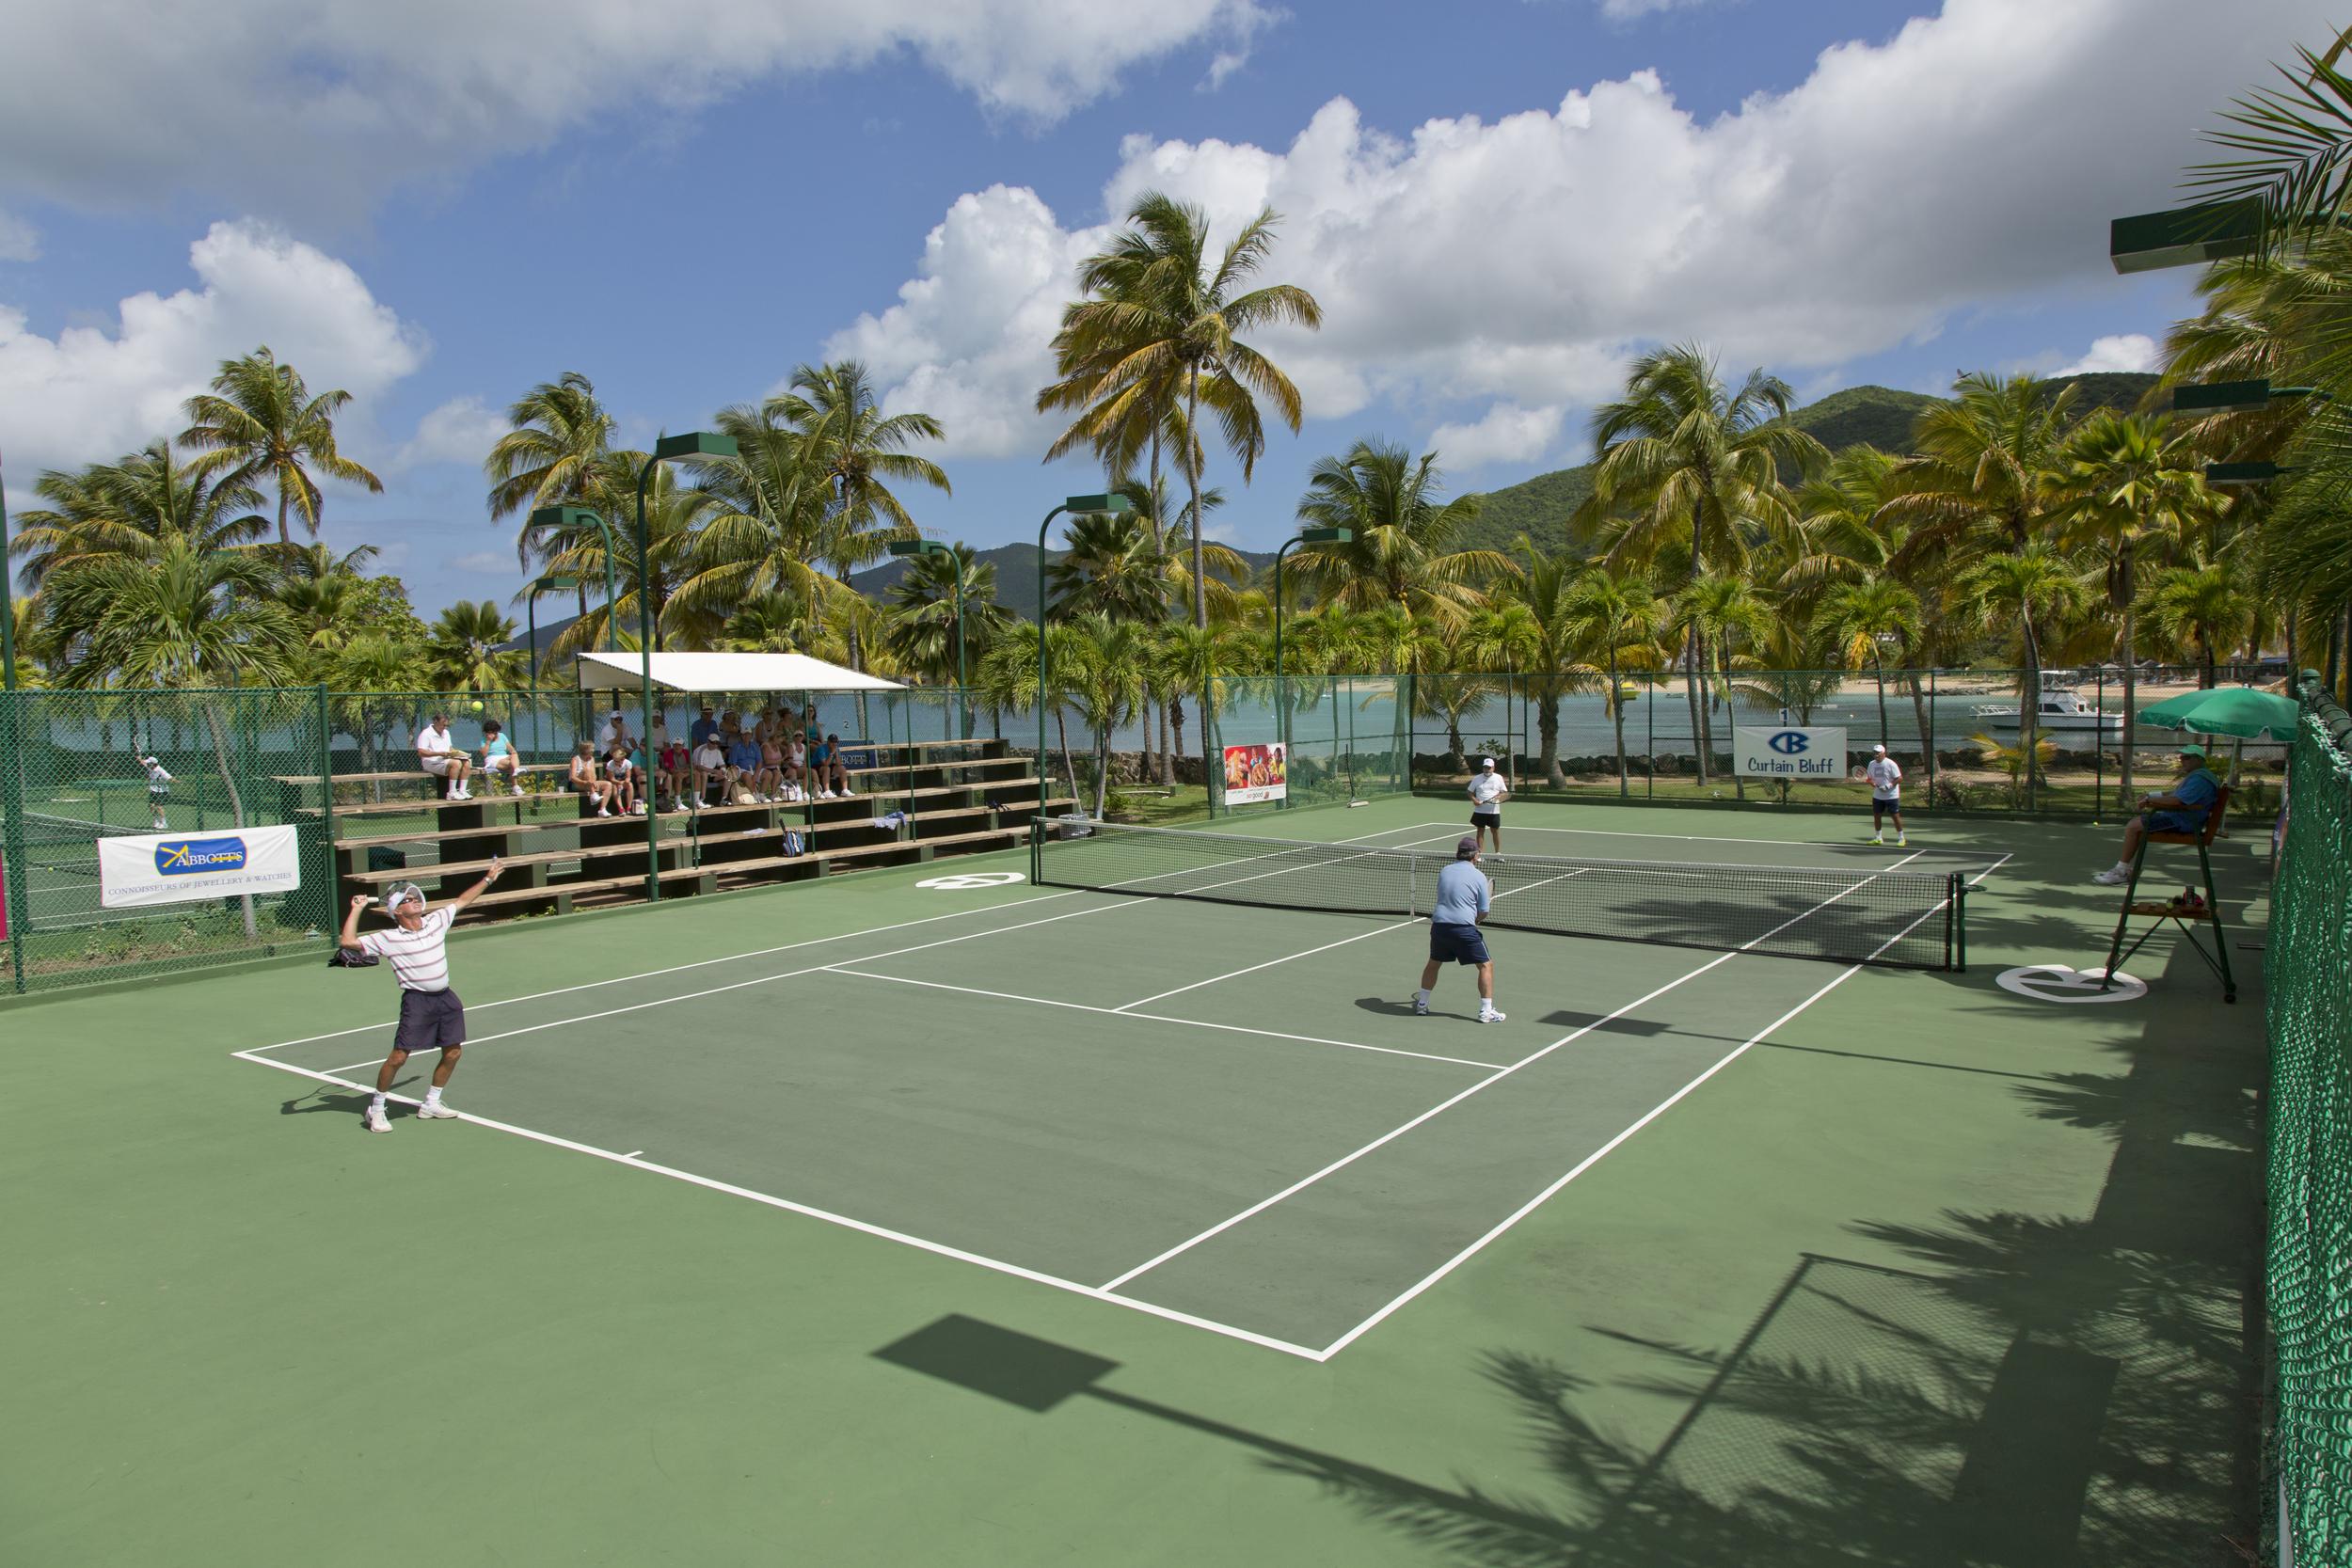 Tennis at Curtain Bluff